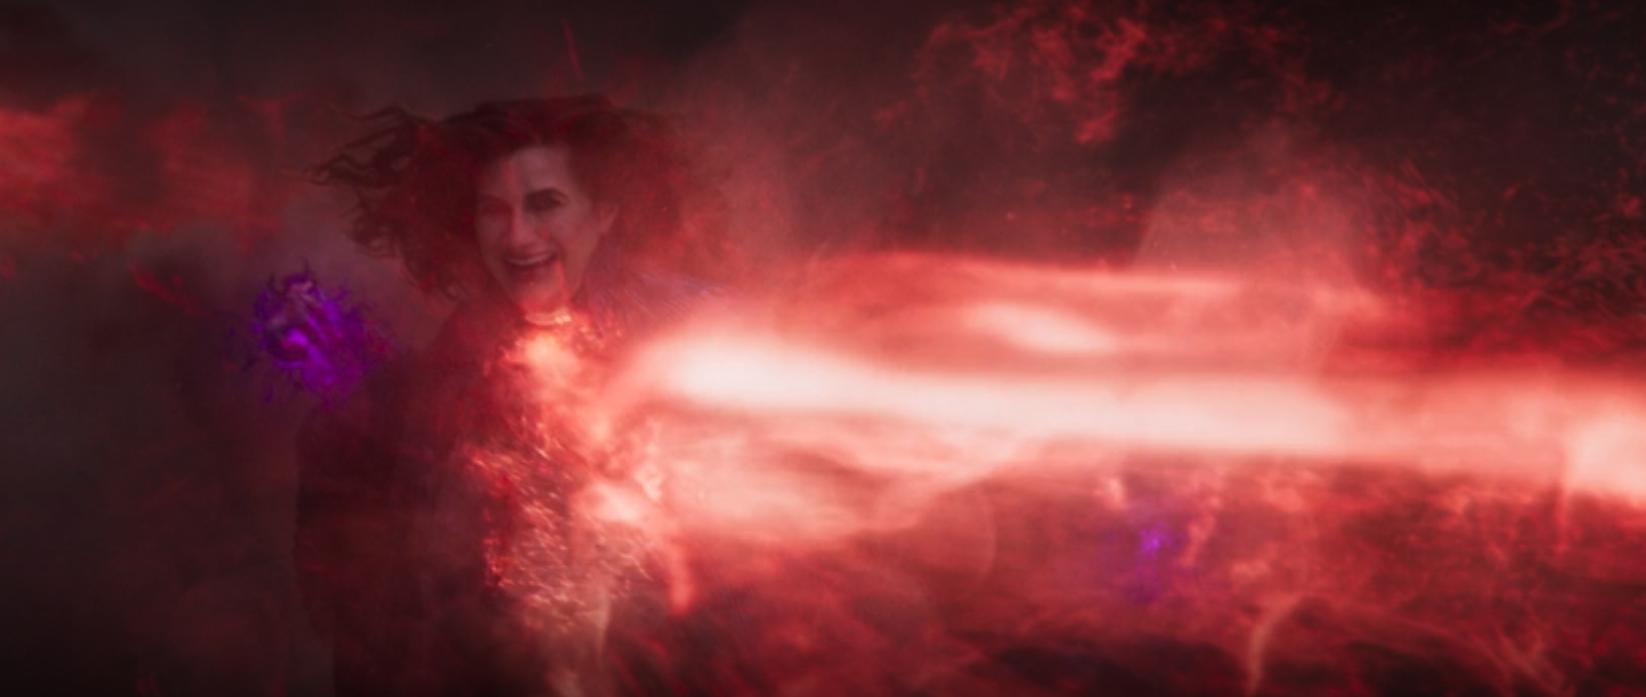 TẬP CUỐI WandaVision bùng nổ trận múa phép nảy lửa của hội chị đại, giai đoạn mới vũ trụ Marvel có đang chờ đón? - Ảnh 12.